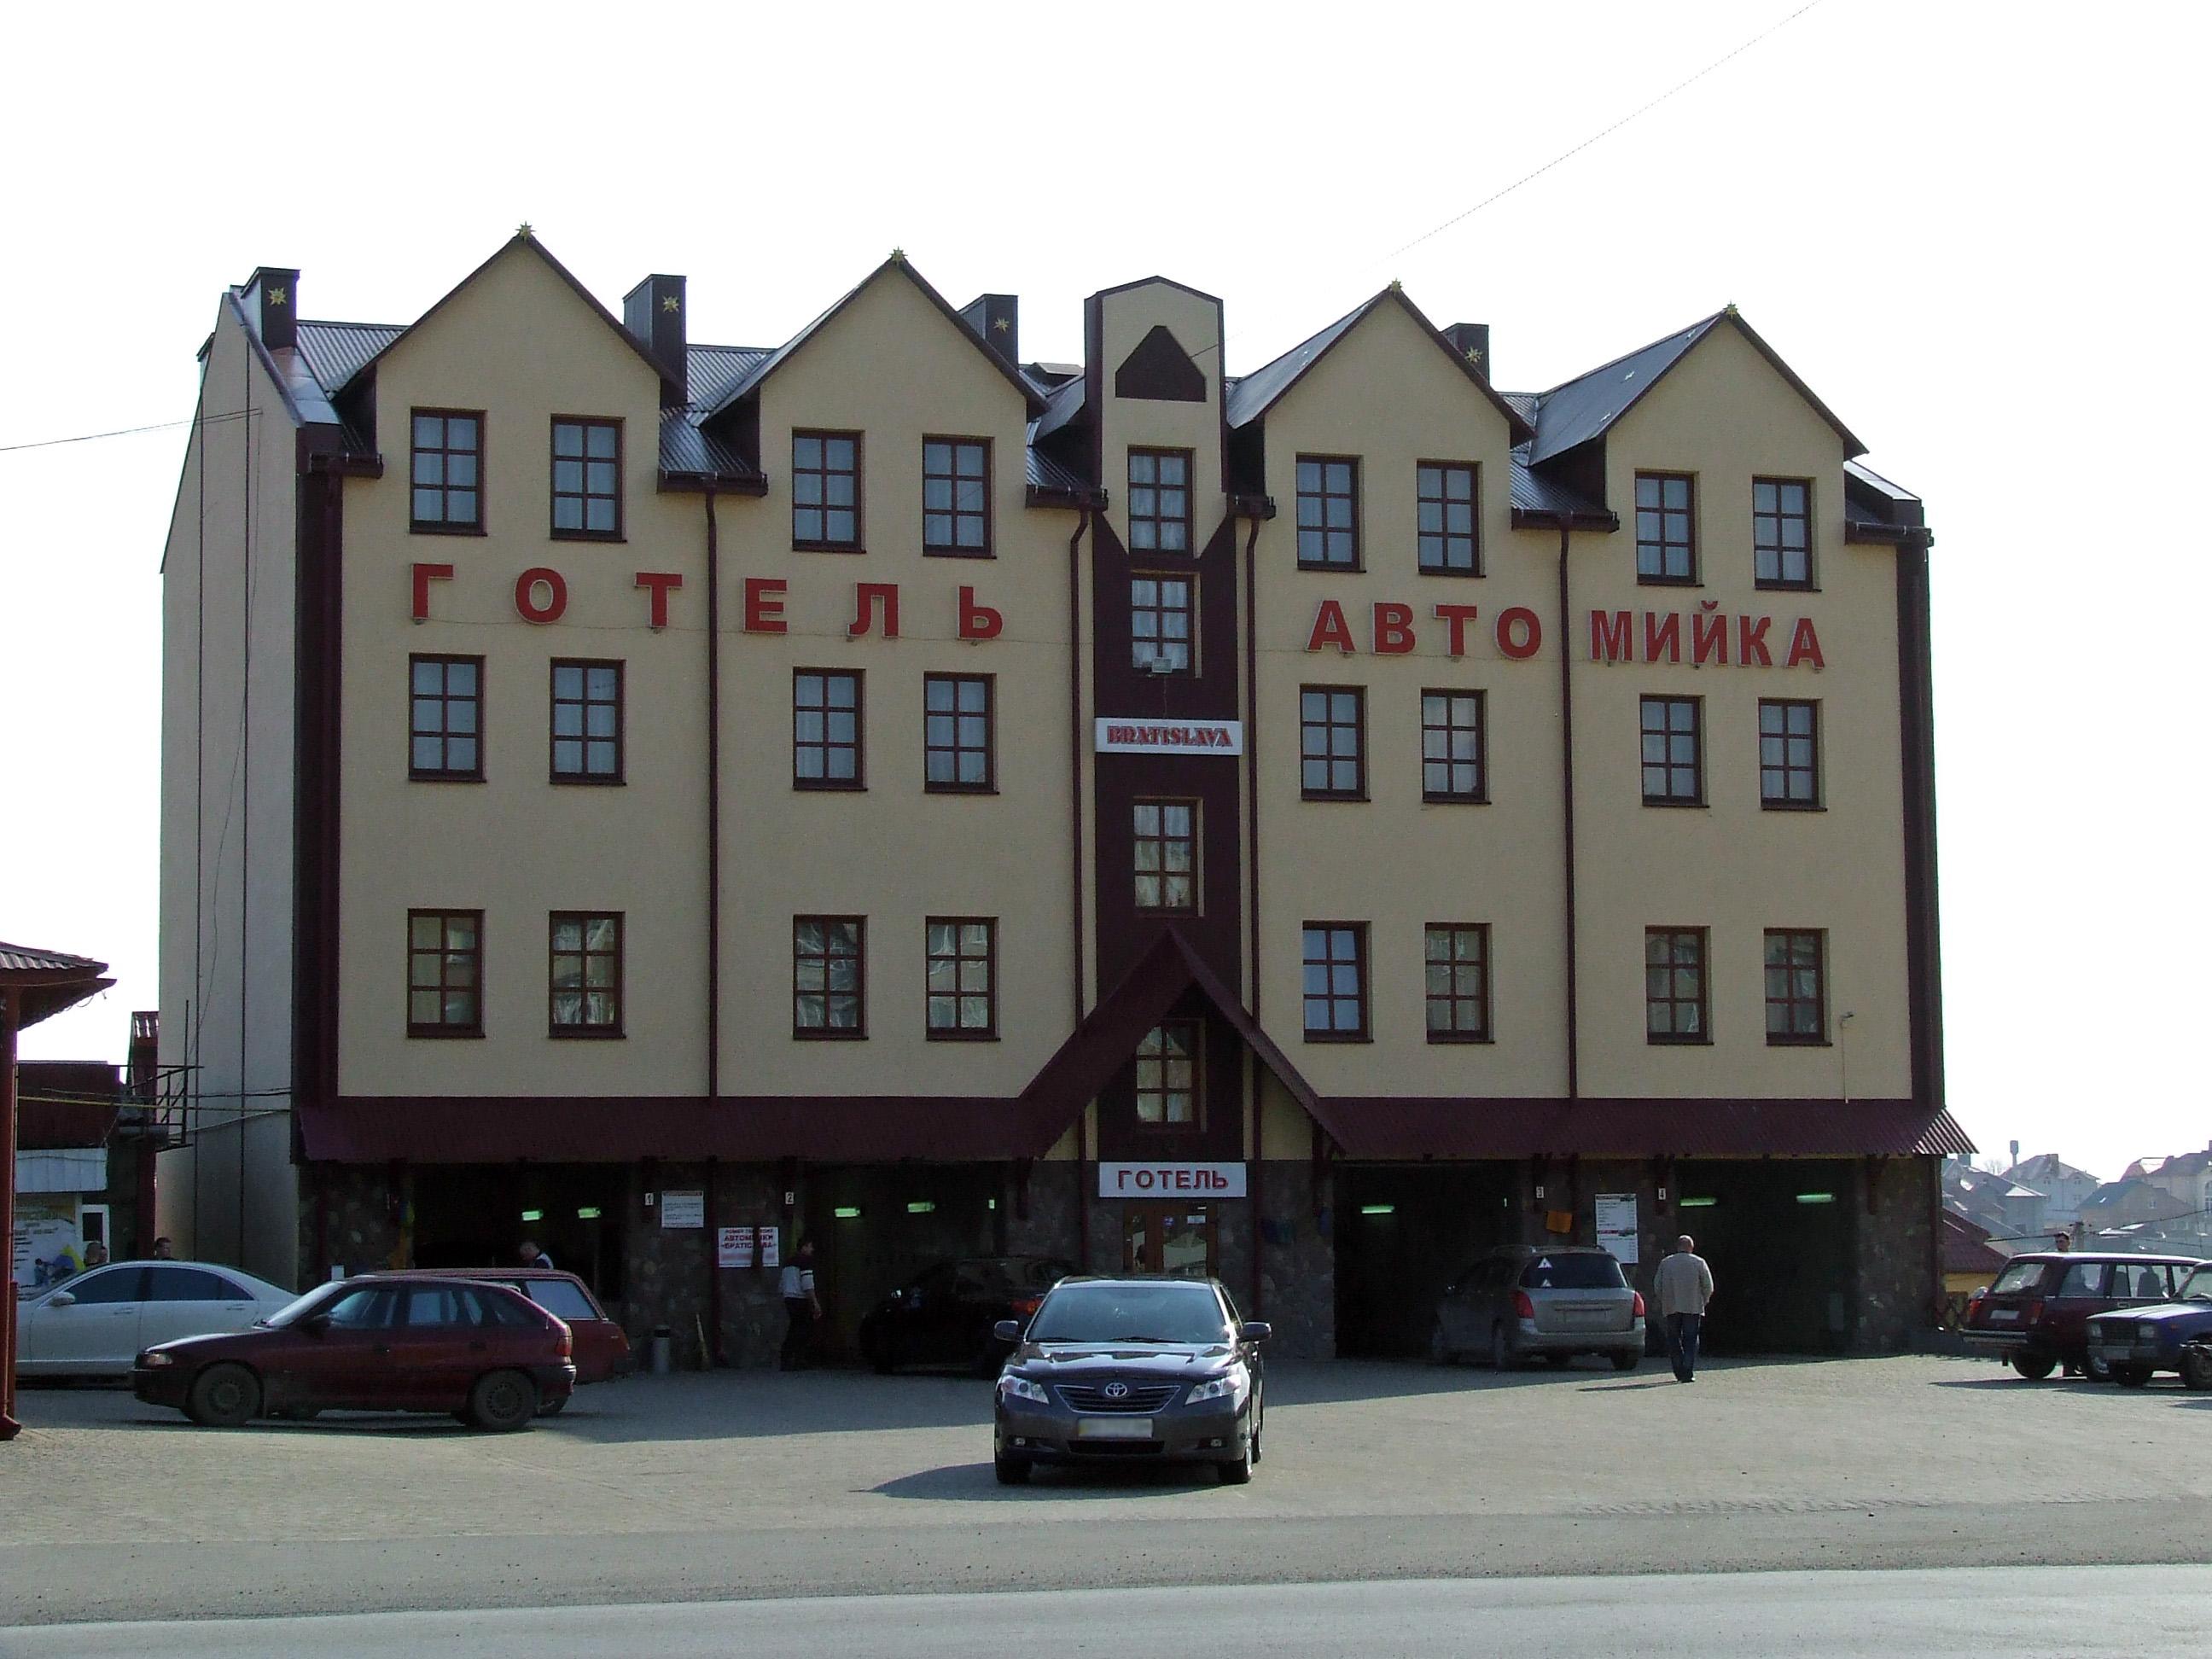 Гостиница братислава тернополь посольство болгарии словакии